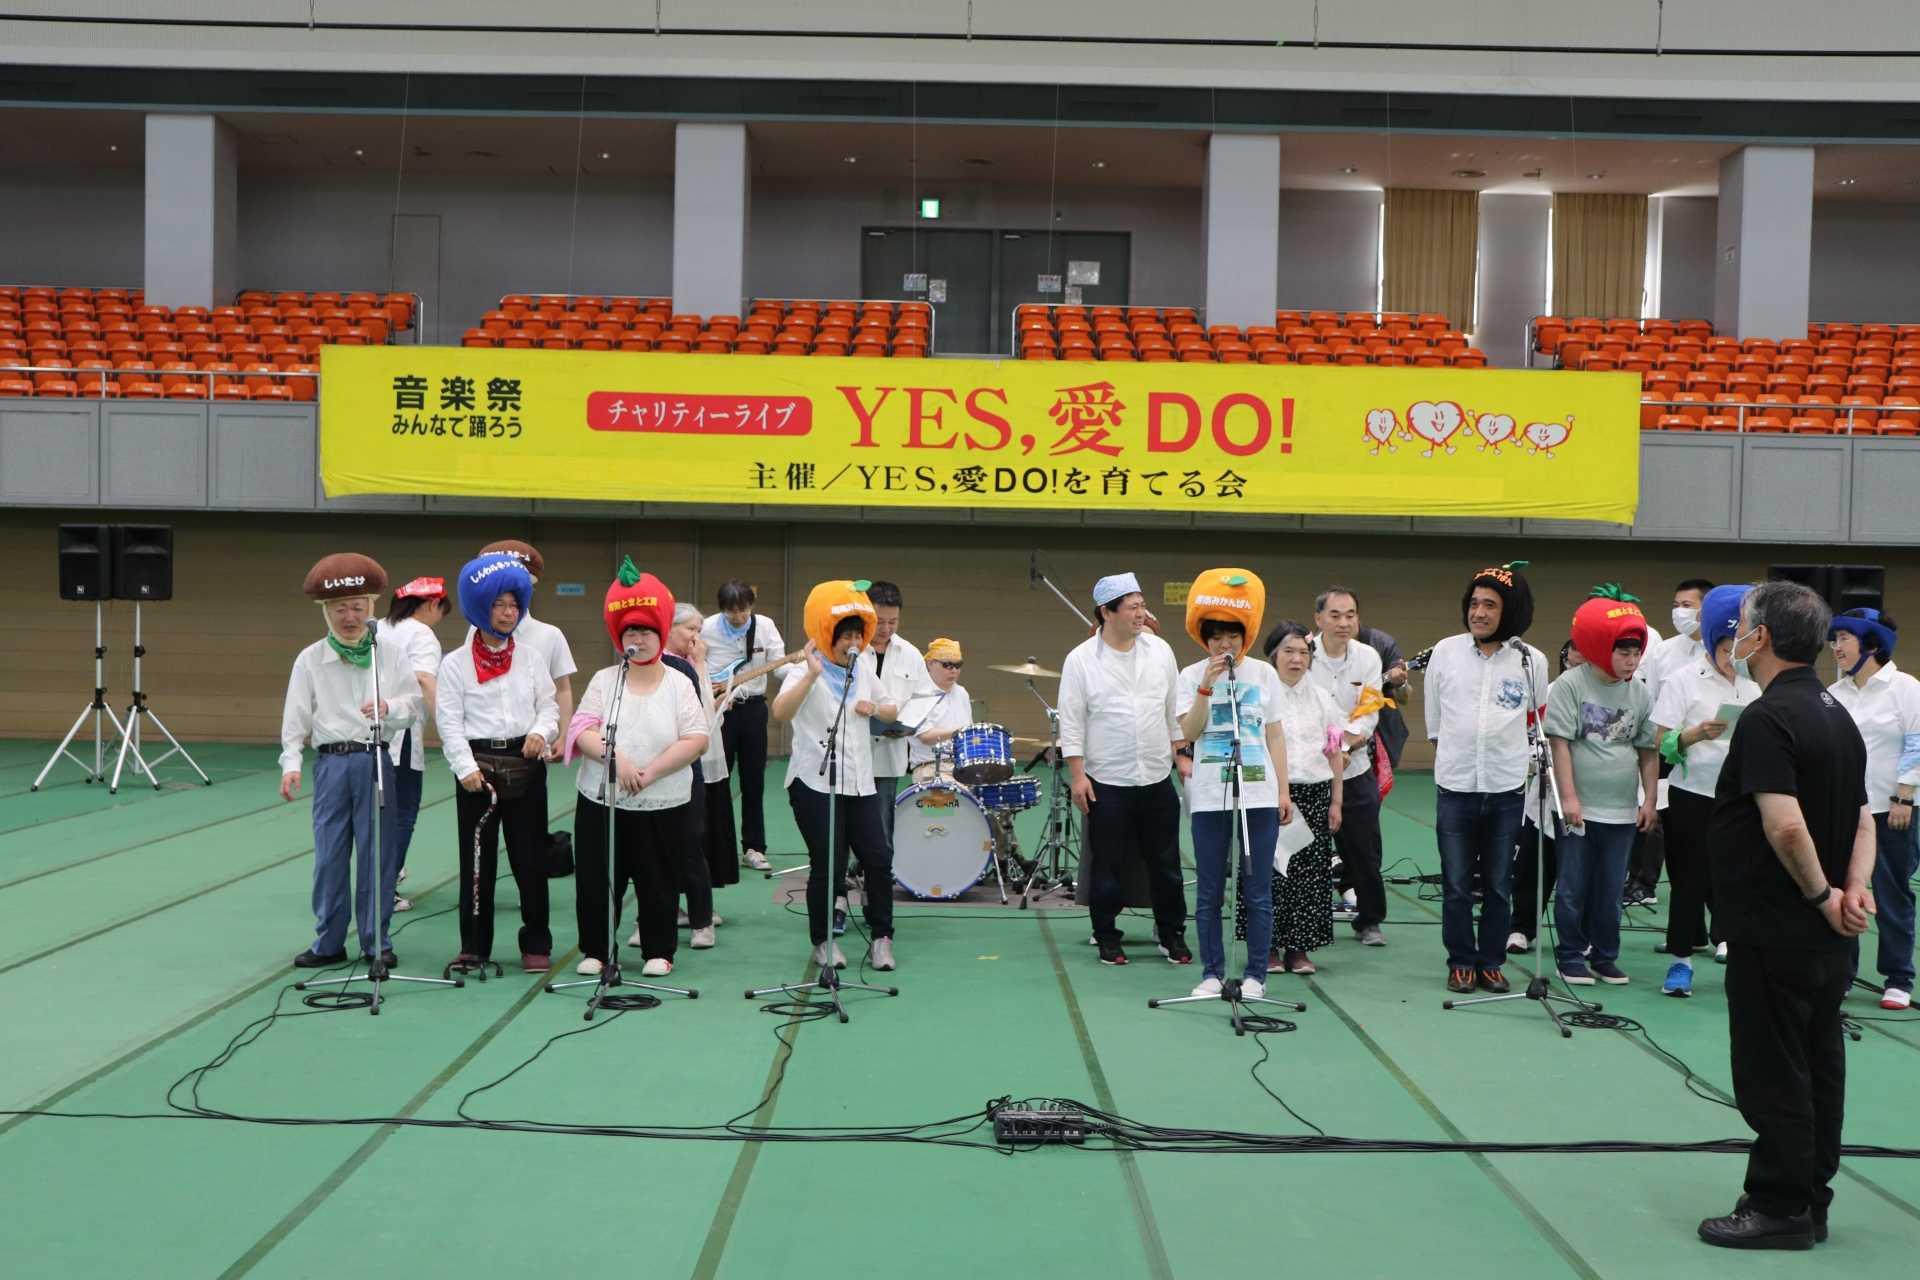 第25回YES,愛DO!音楽祭に参加!